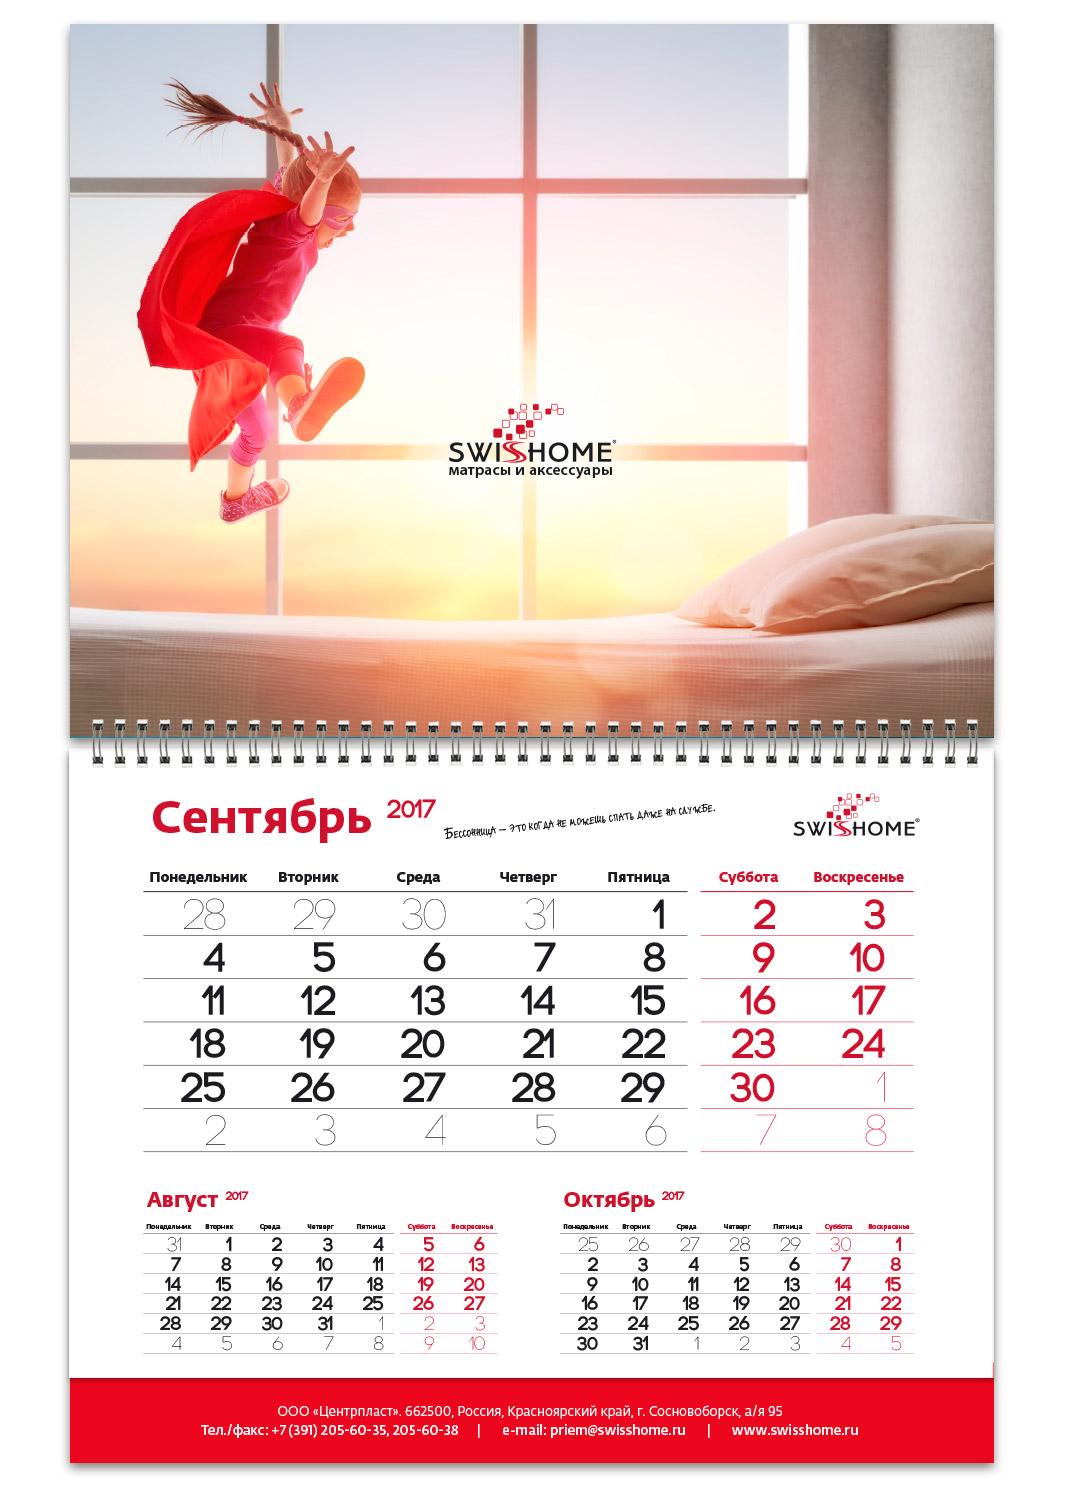 Солнечный календарь на апрель 2016 год